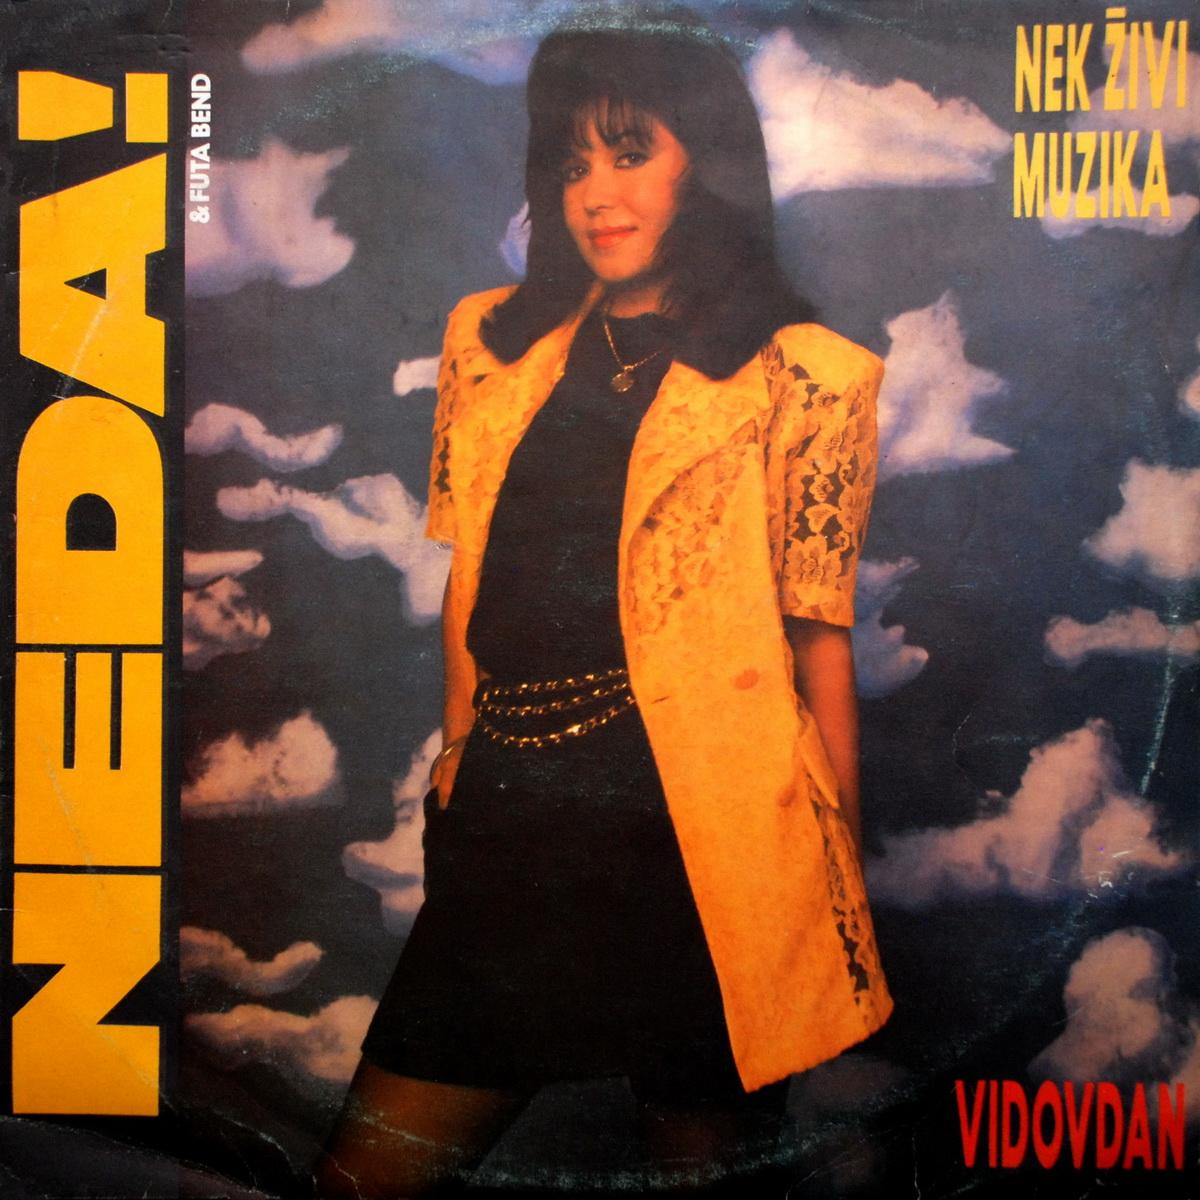 Neda Ukraden 1992 Neka zivi muzika A